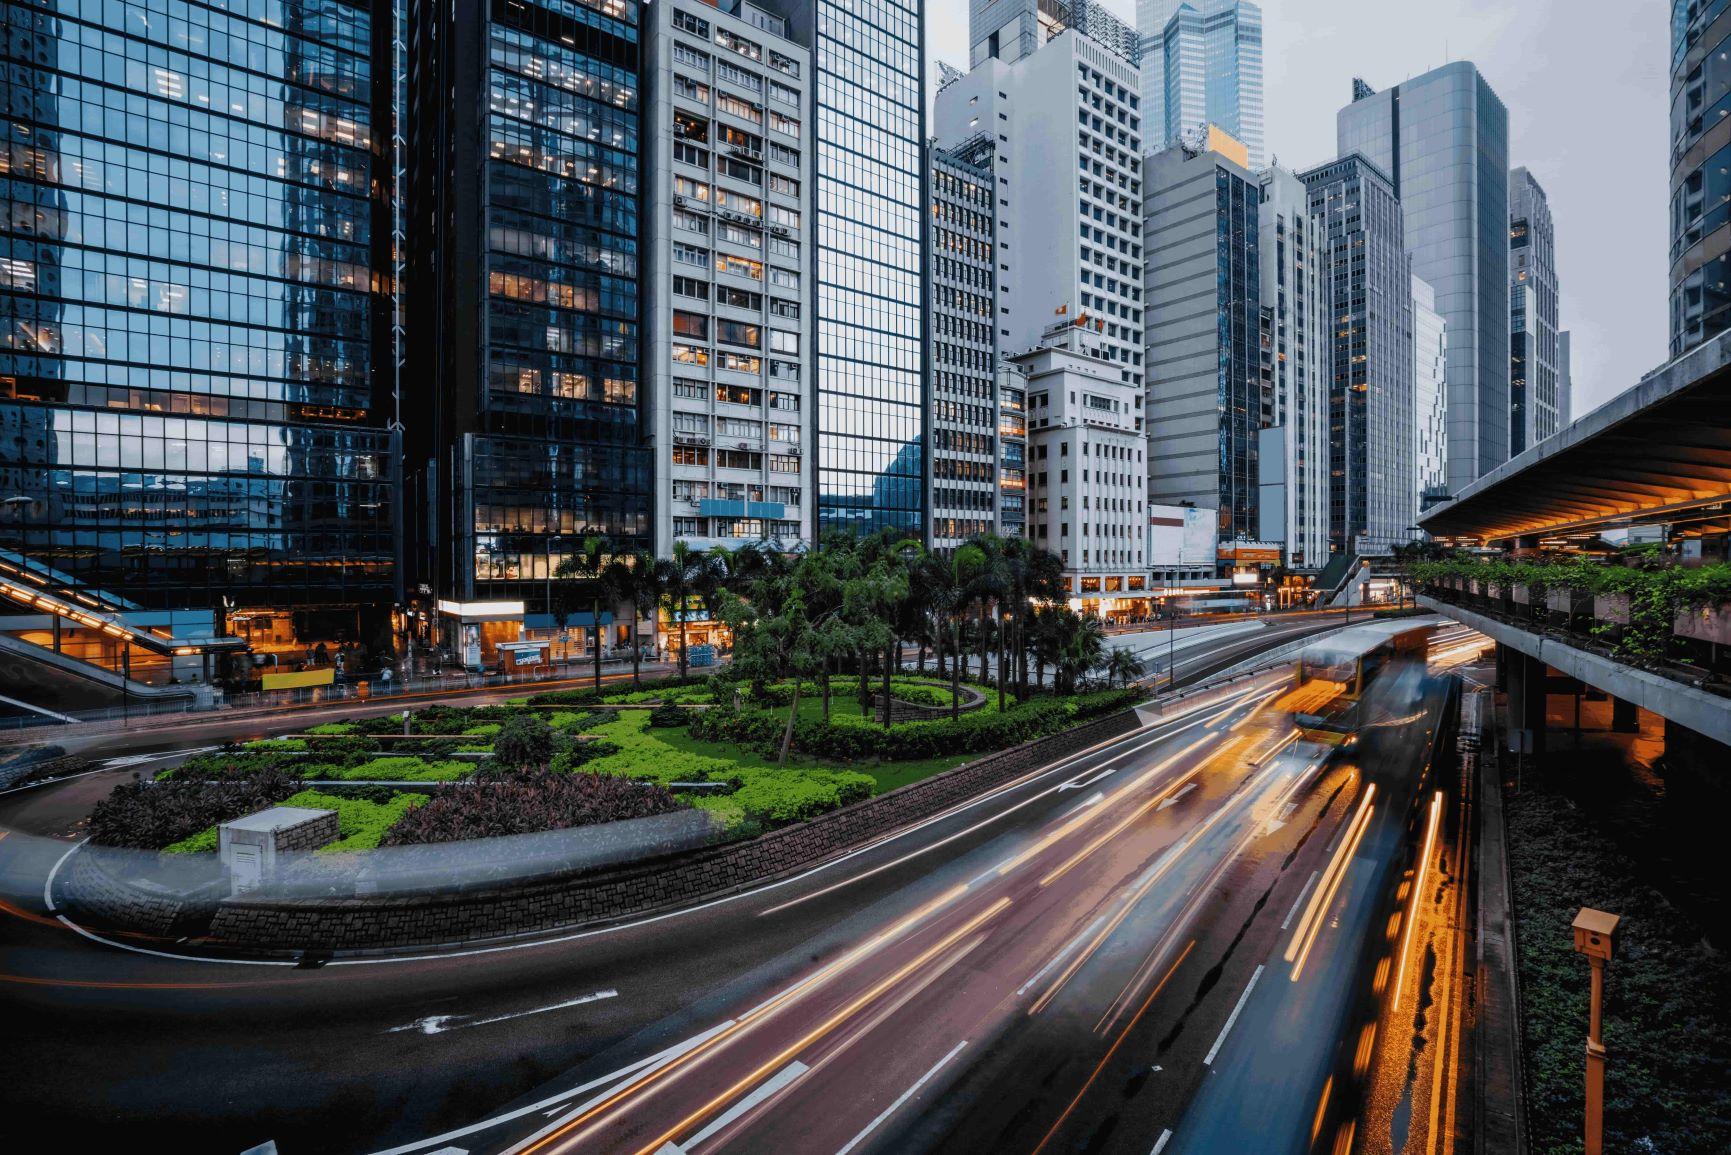 Foto no formato paisagem de uma cidade com uma rodovia em movimento. A foto ilustra uma cidade digital, cercada por áreas verdes e prédios.